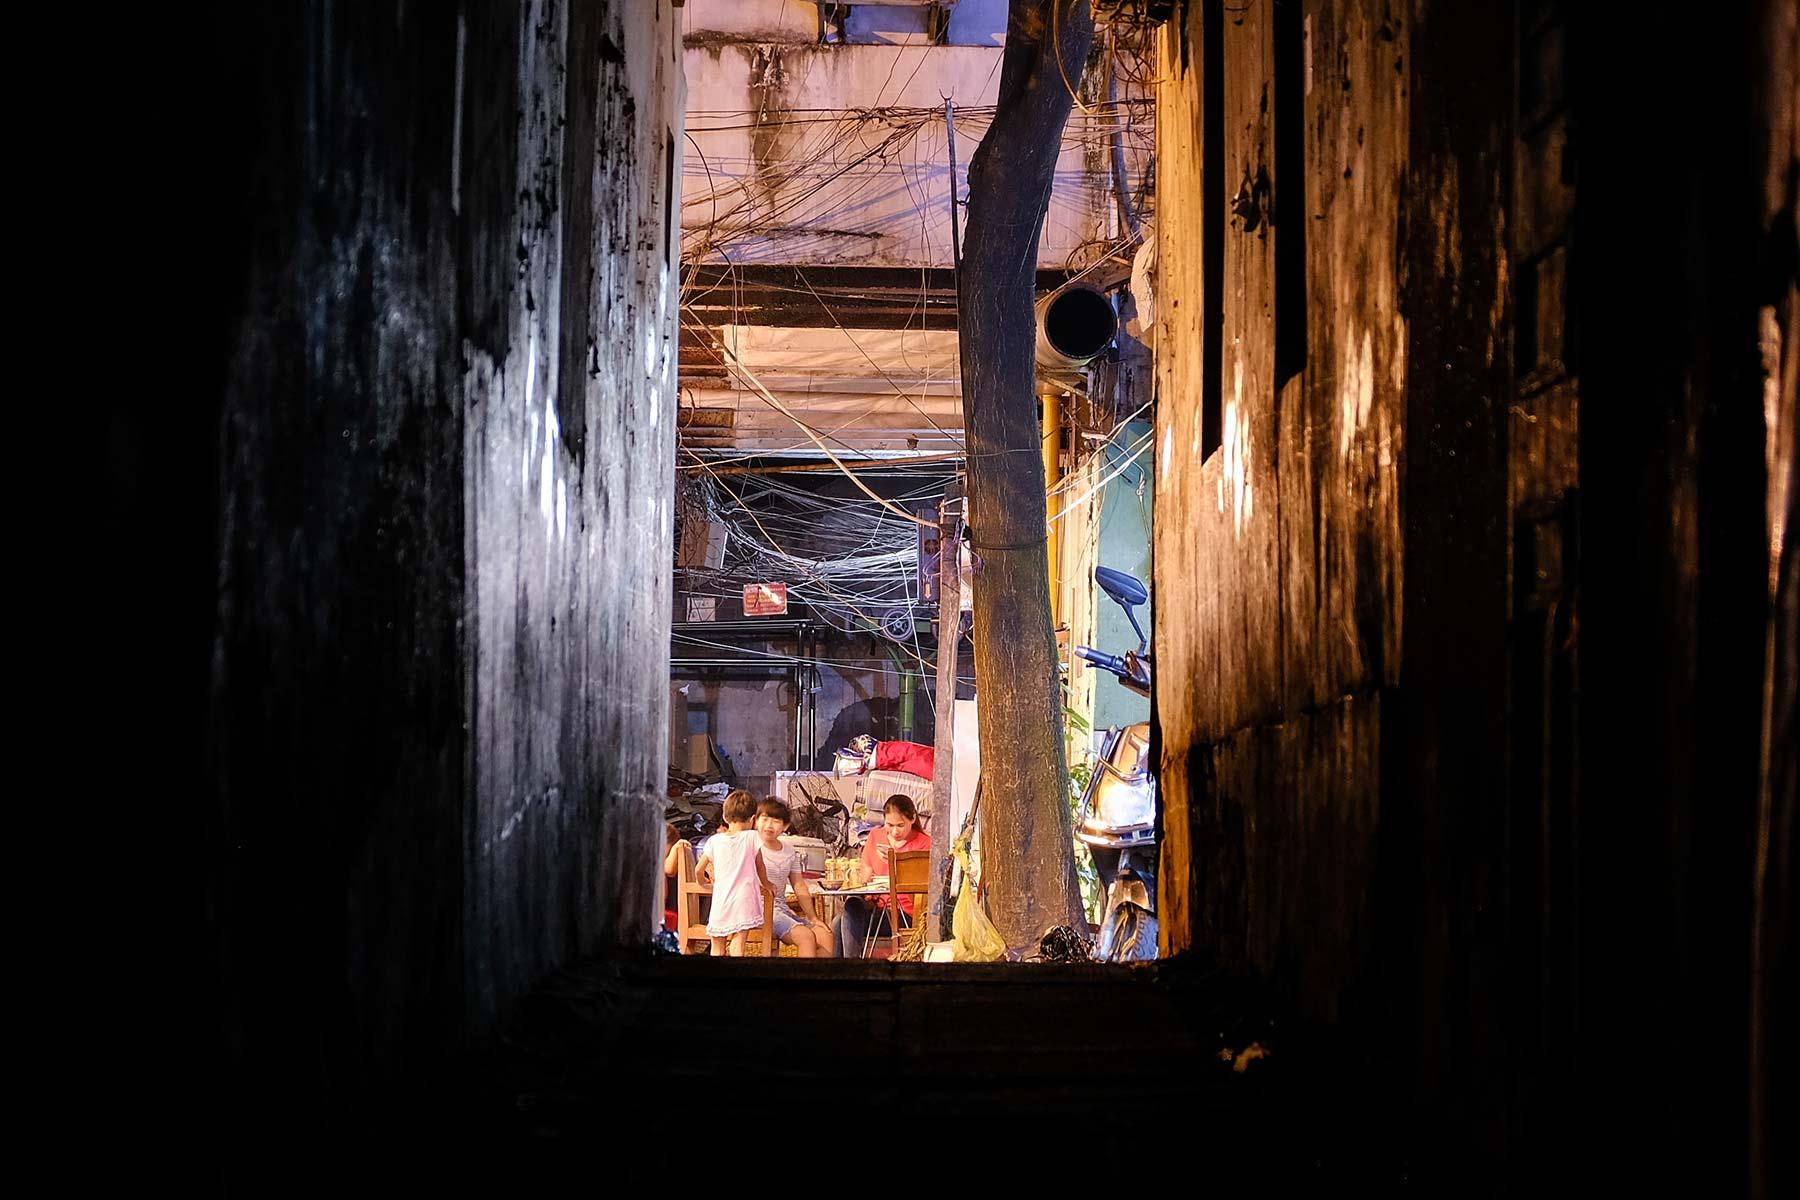 Familie beim Essen in der Nacht in der Altstadt von Shanghai.